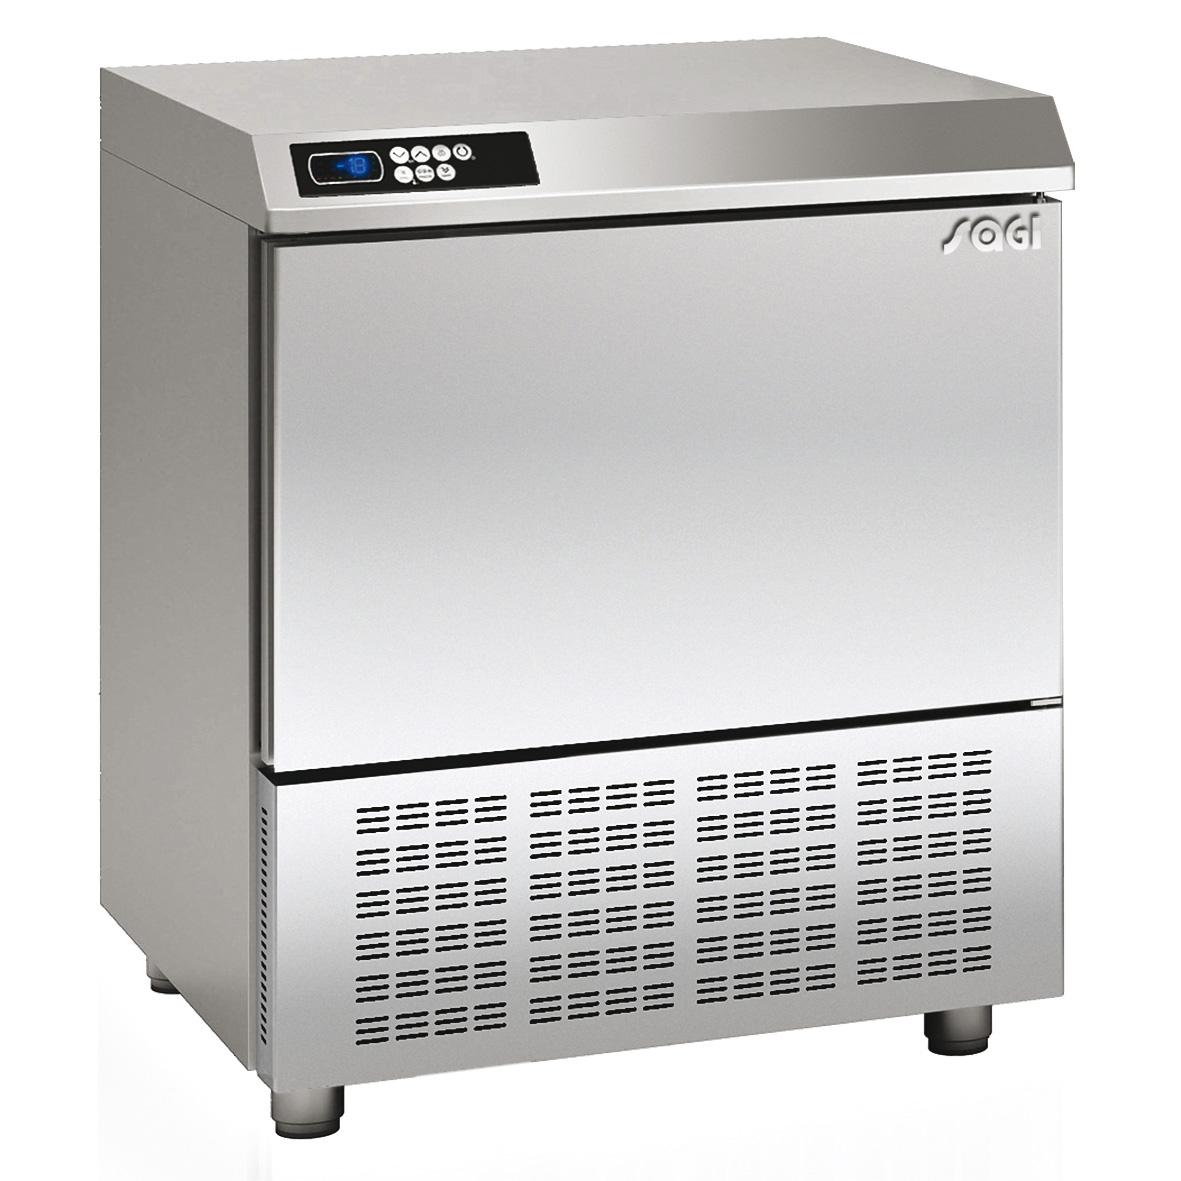 cellule mixte de refroidissement rapide 20 12 kg c. Black Bedroom Furniture Sets. Home Design Ideas